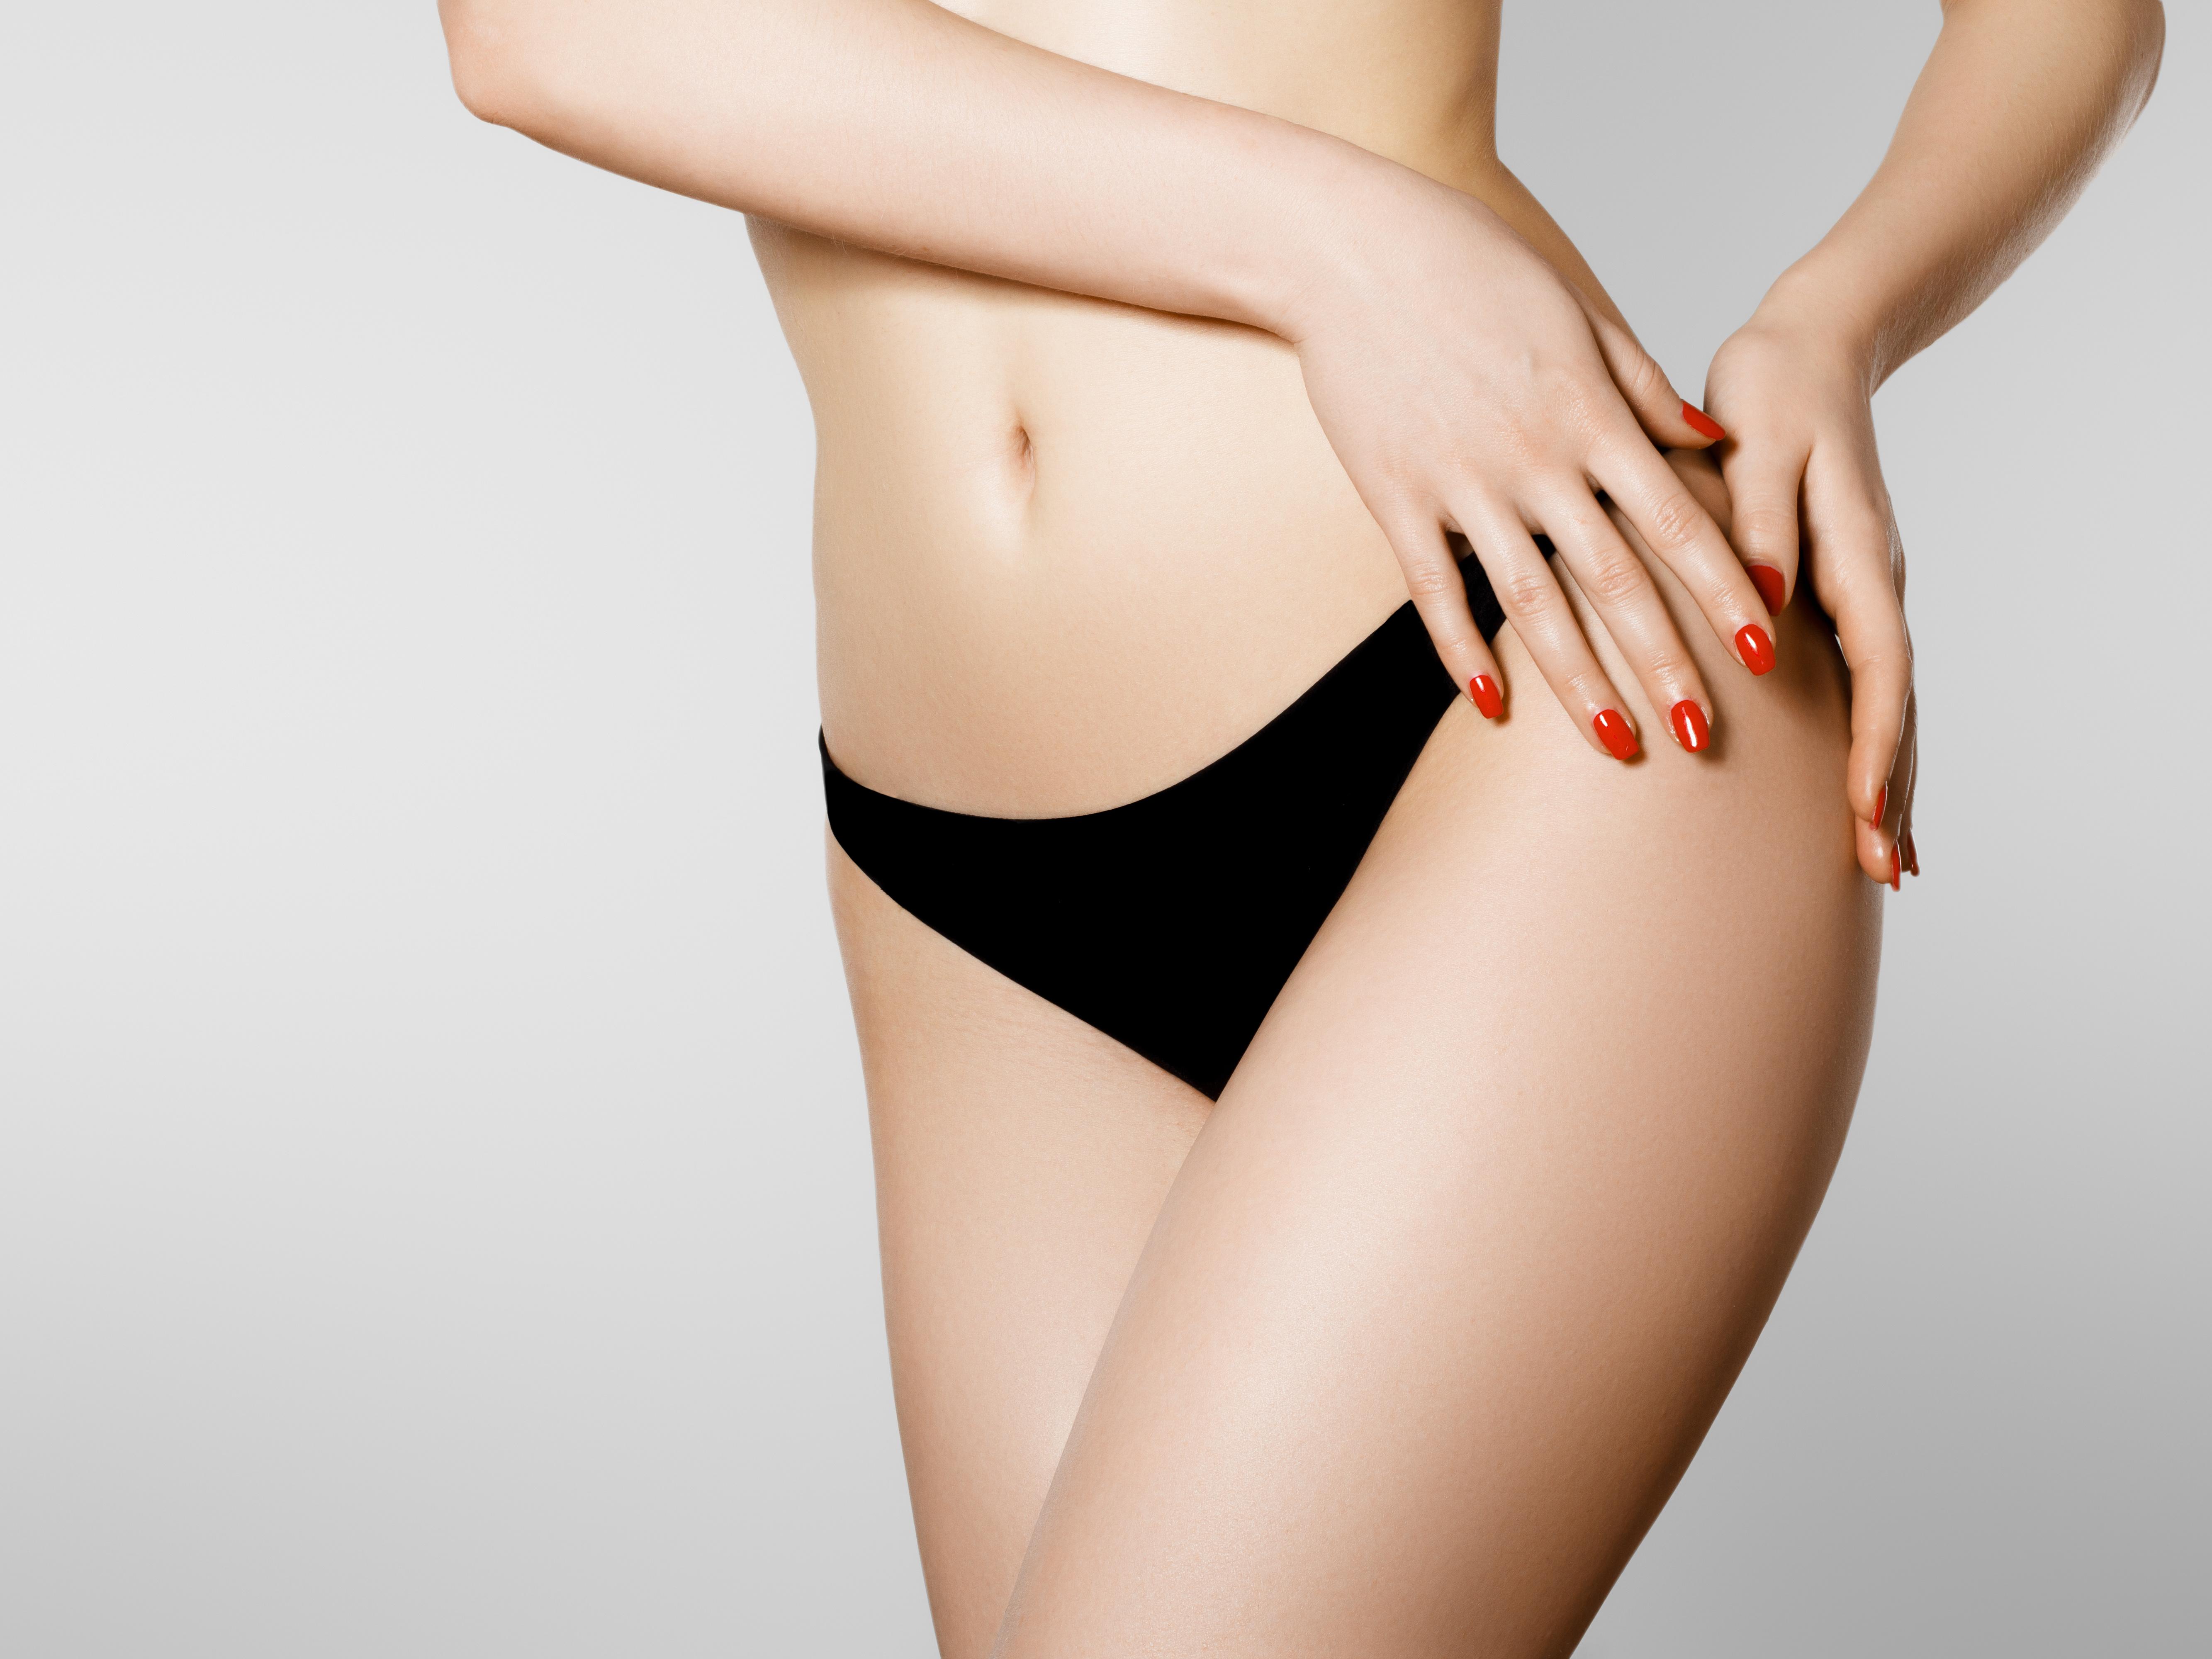 陰毛ってどう処理するのがベスト?正しい剃り方&おすすめ方法を徹底解説します!